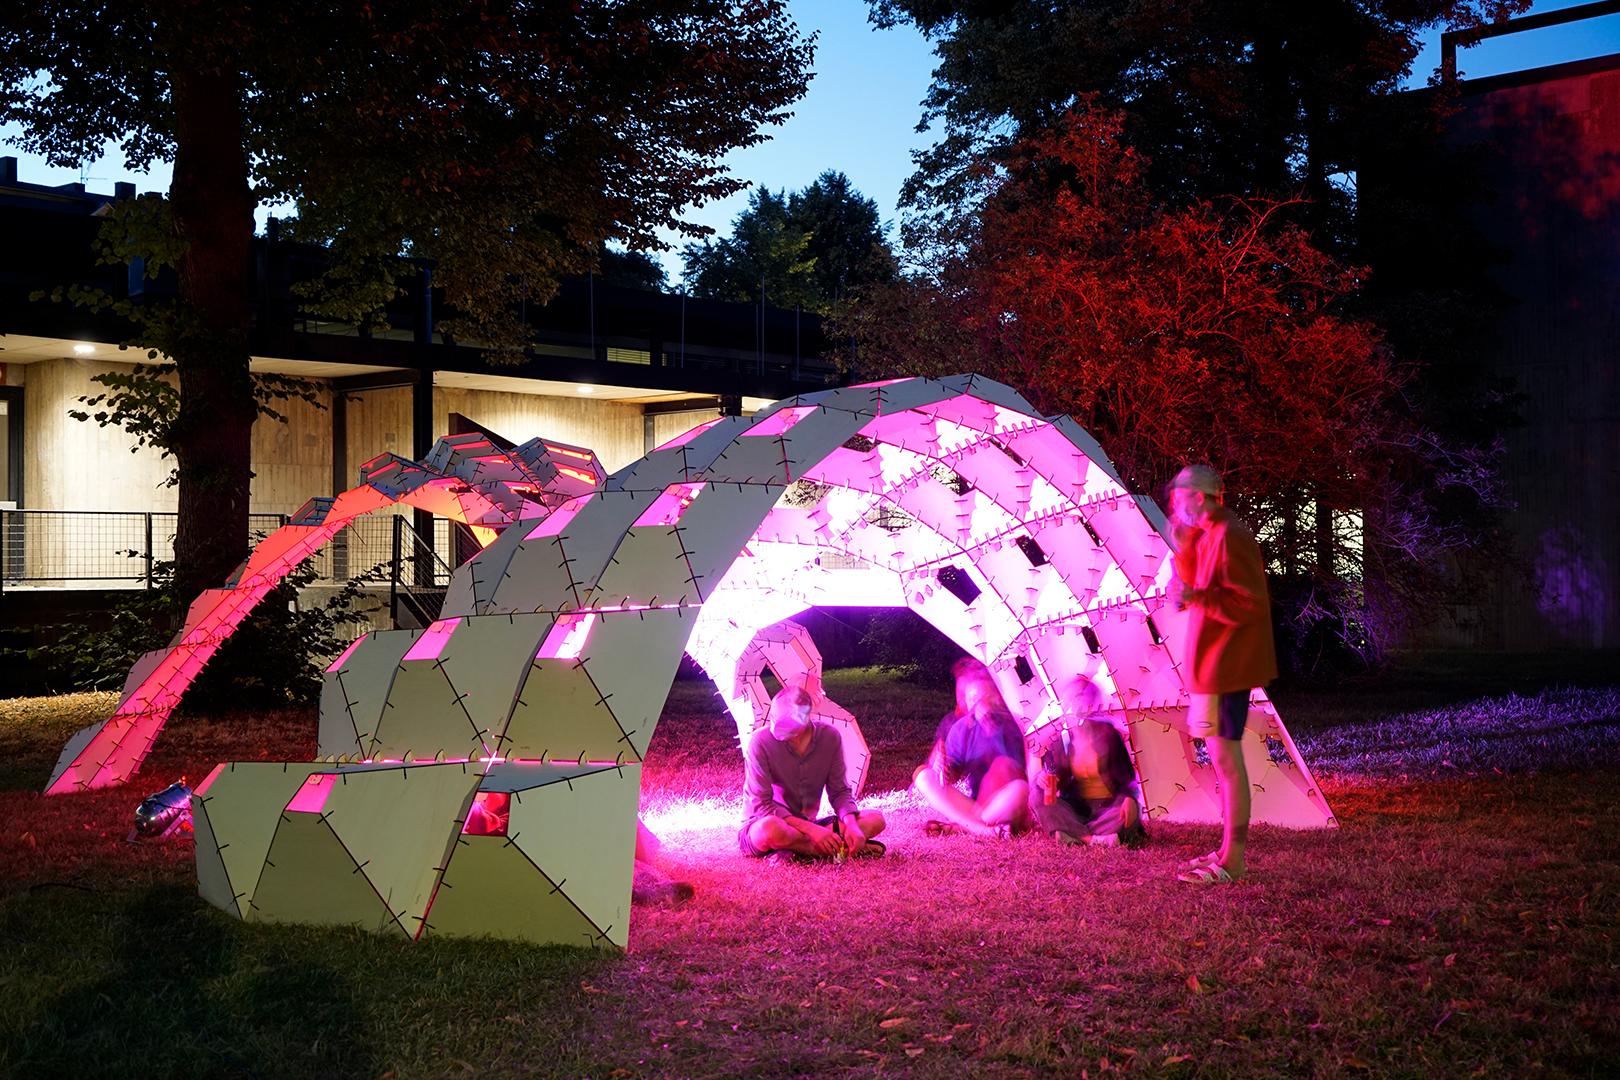 Innenansicht des hell magenta beleuchteten Pavilions mit kleiner Gruppe Feiernder